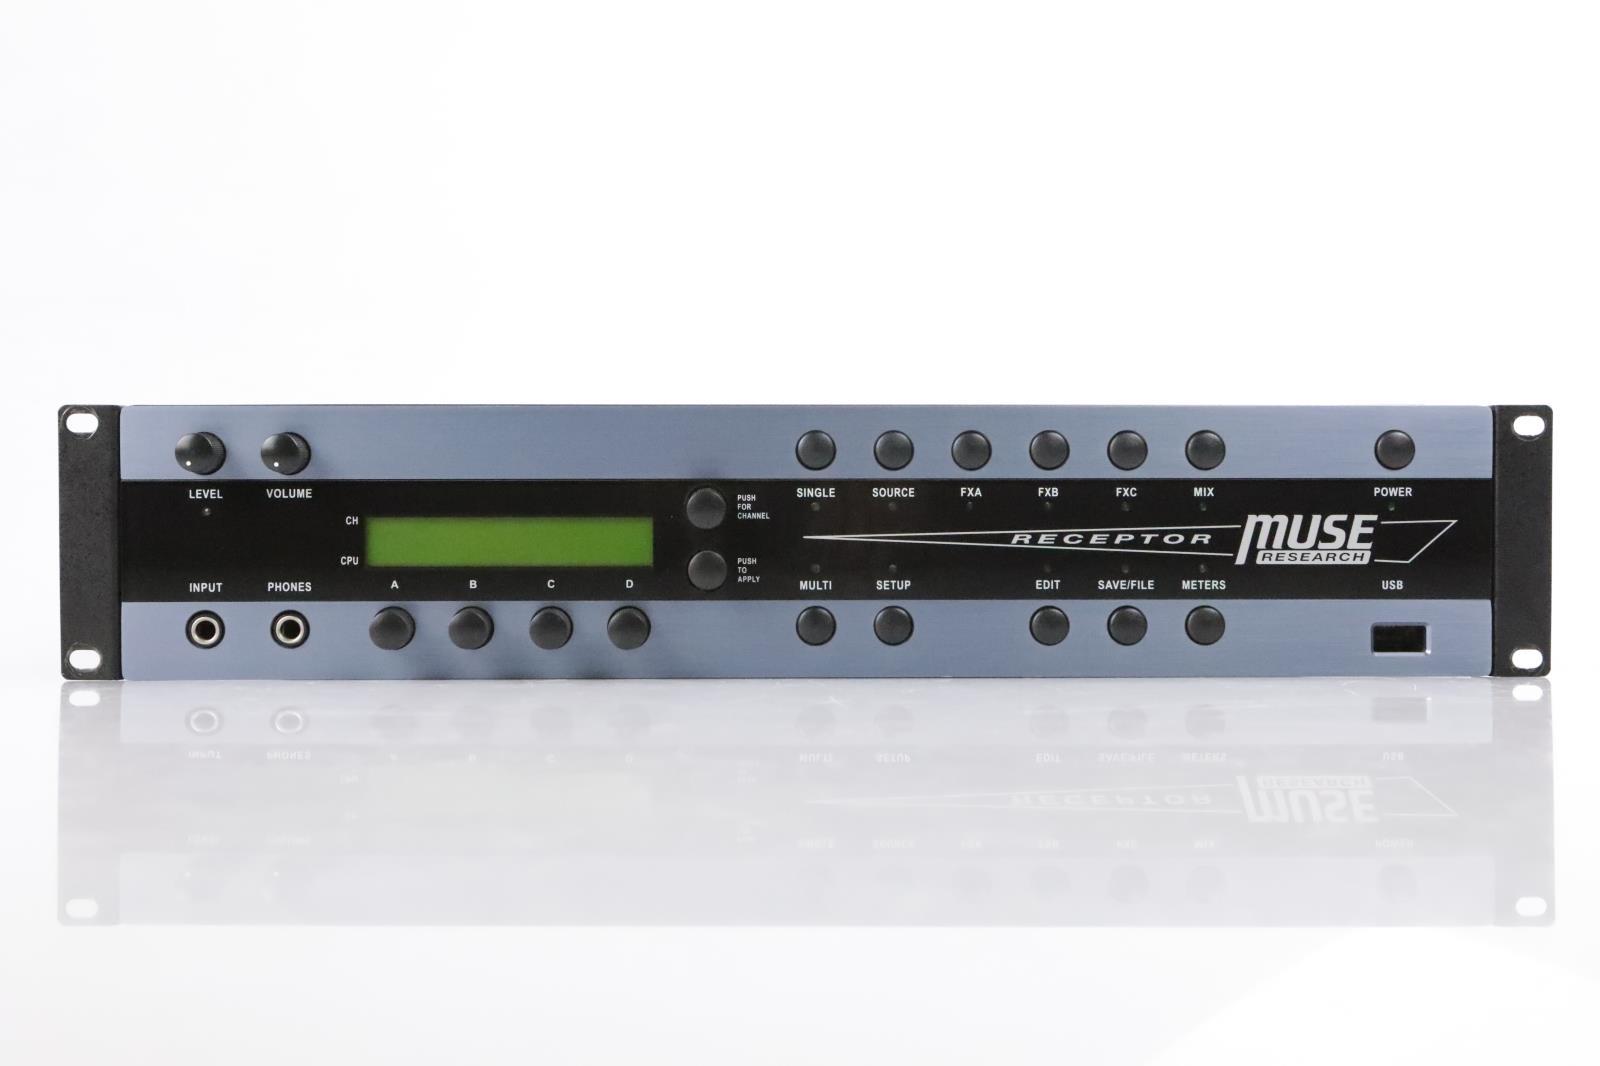 Muse Receptor 1.0 Recepter PRO VST Host Player Sampler Synth Loaded #34619